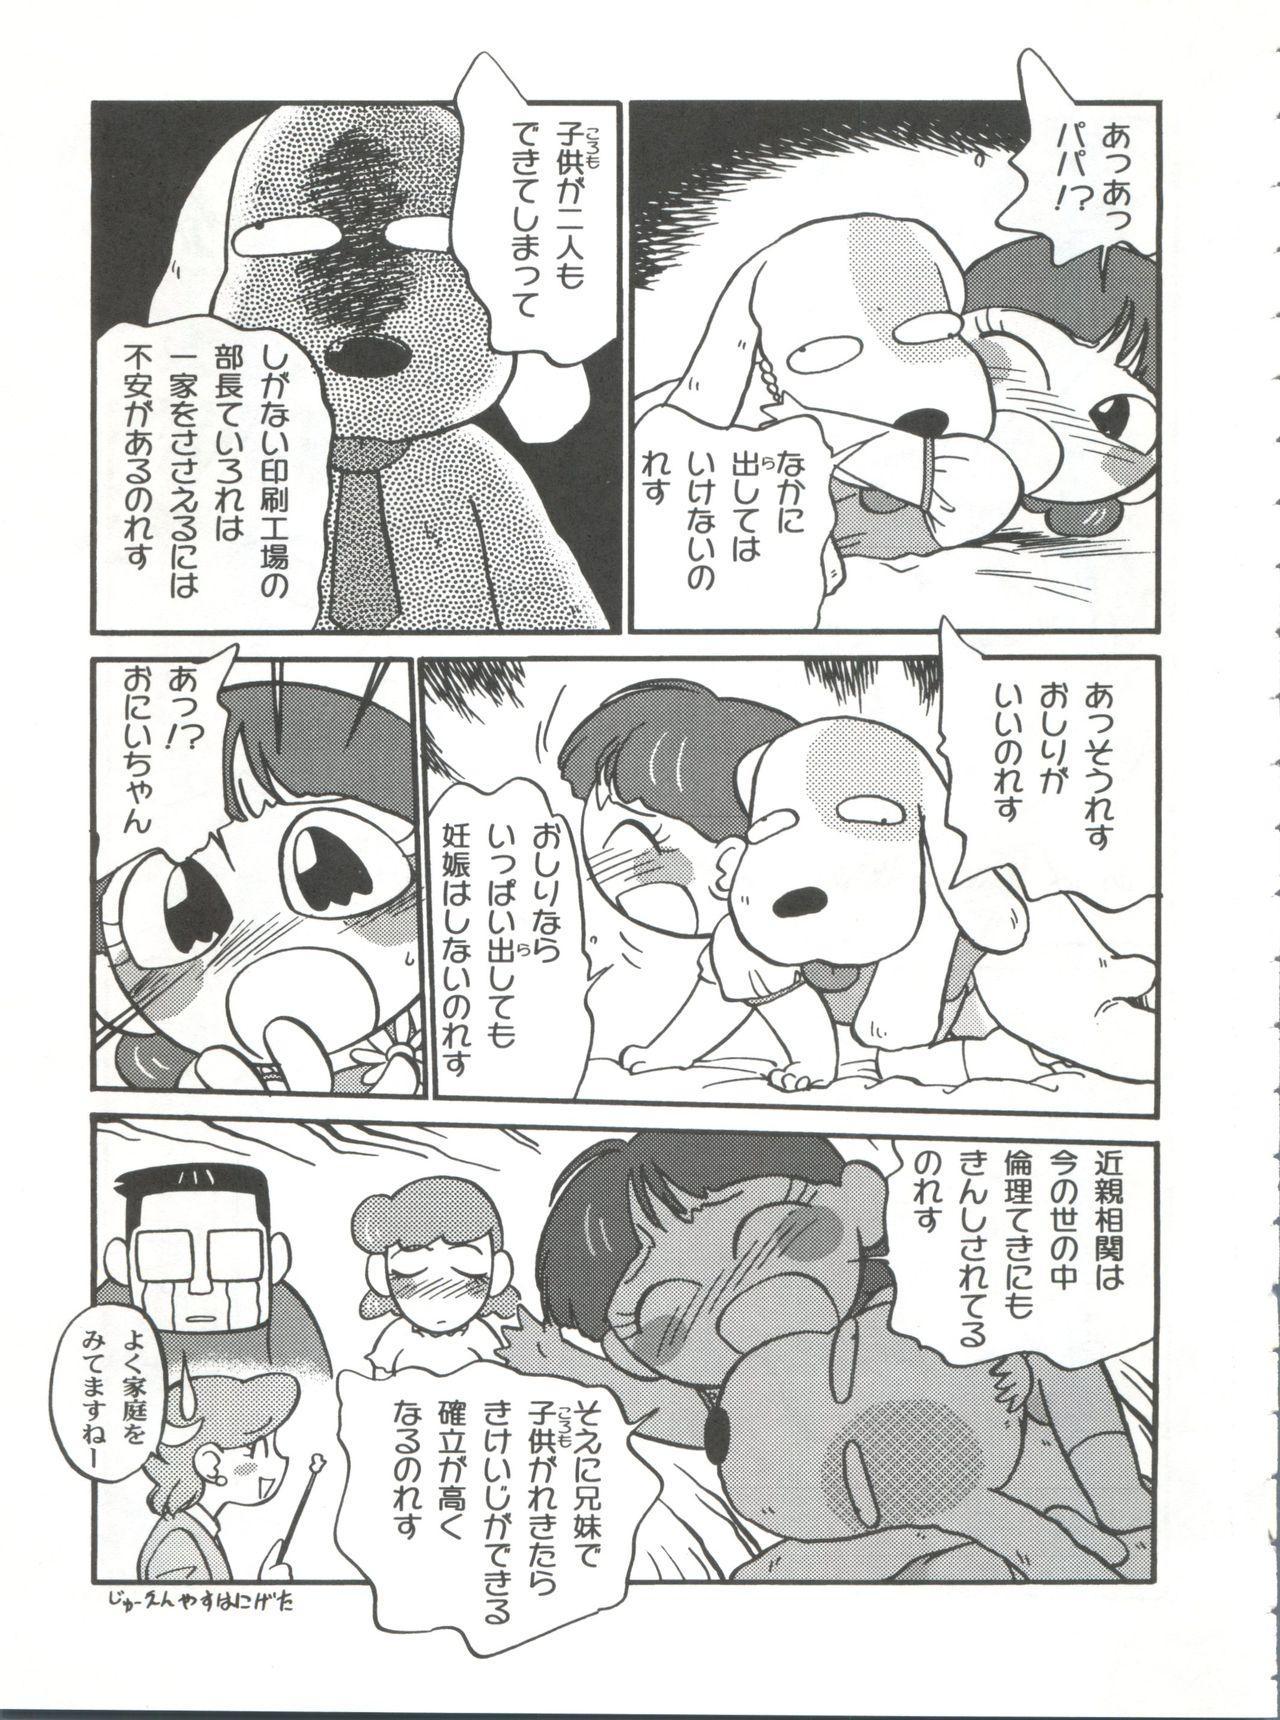 Mahou no Okusuri 29